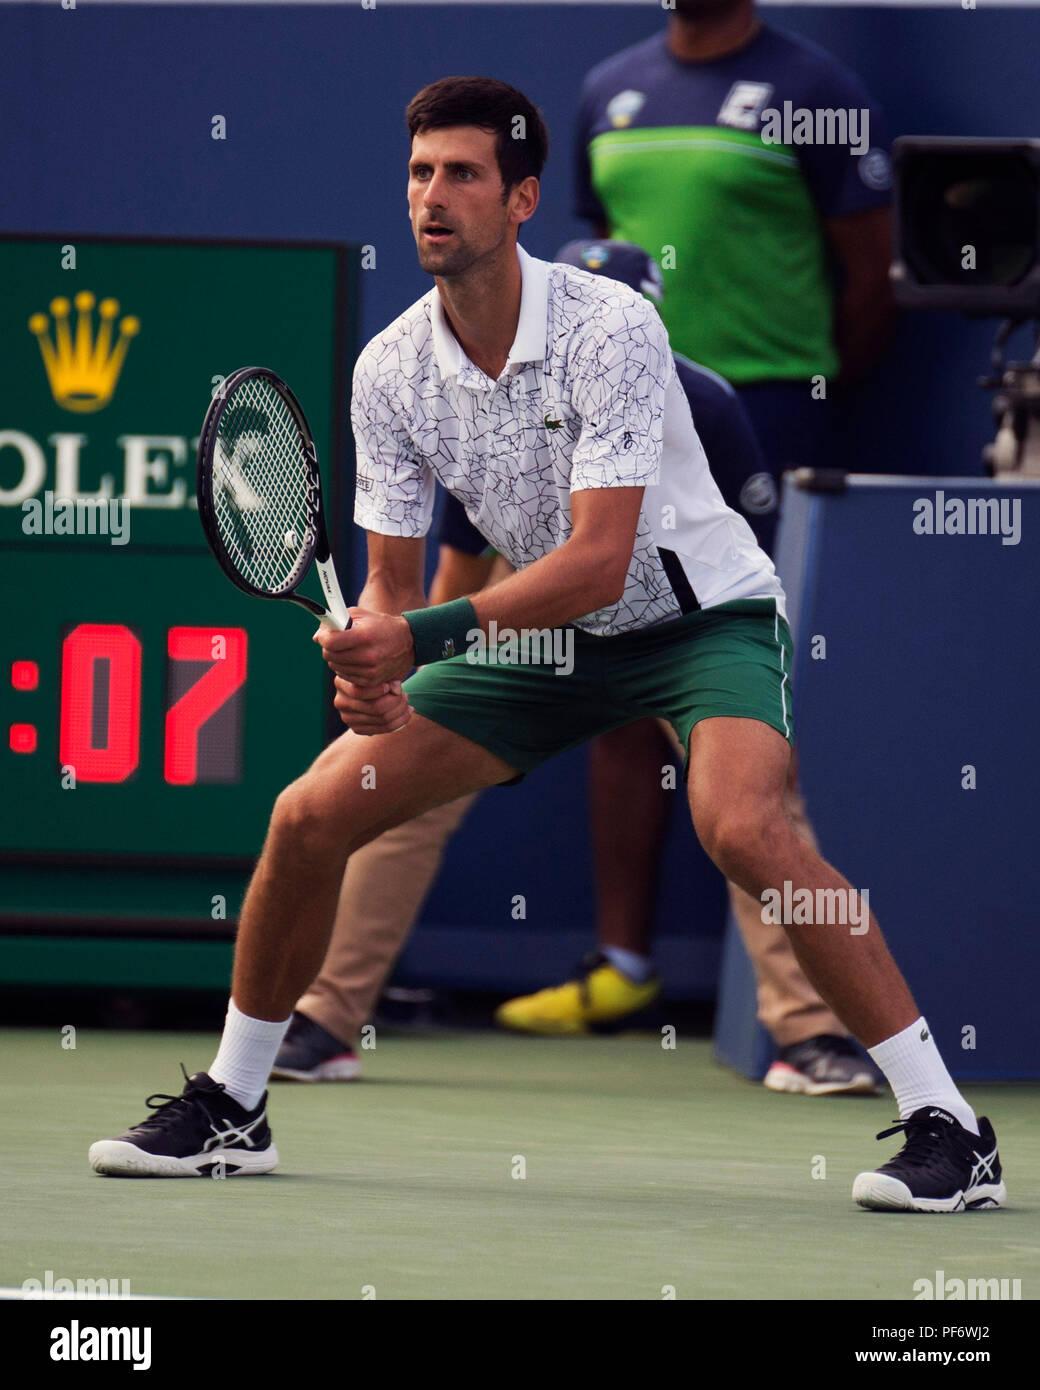 Mason, Ohio, Estados Unidos. Agosto 19, 2018: Novak Djokovic (SRB) prepara a sí mismo contra Roger Federer (SUI) en el Sur Occidental abierto en Mason, Ohio, Estados Unidos. Brent Clark/Alamy Live News Foto de stock